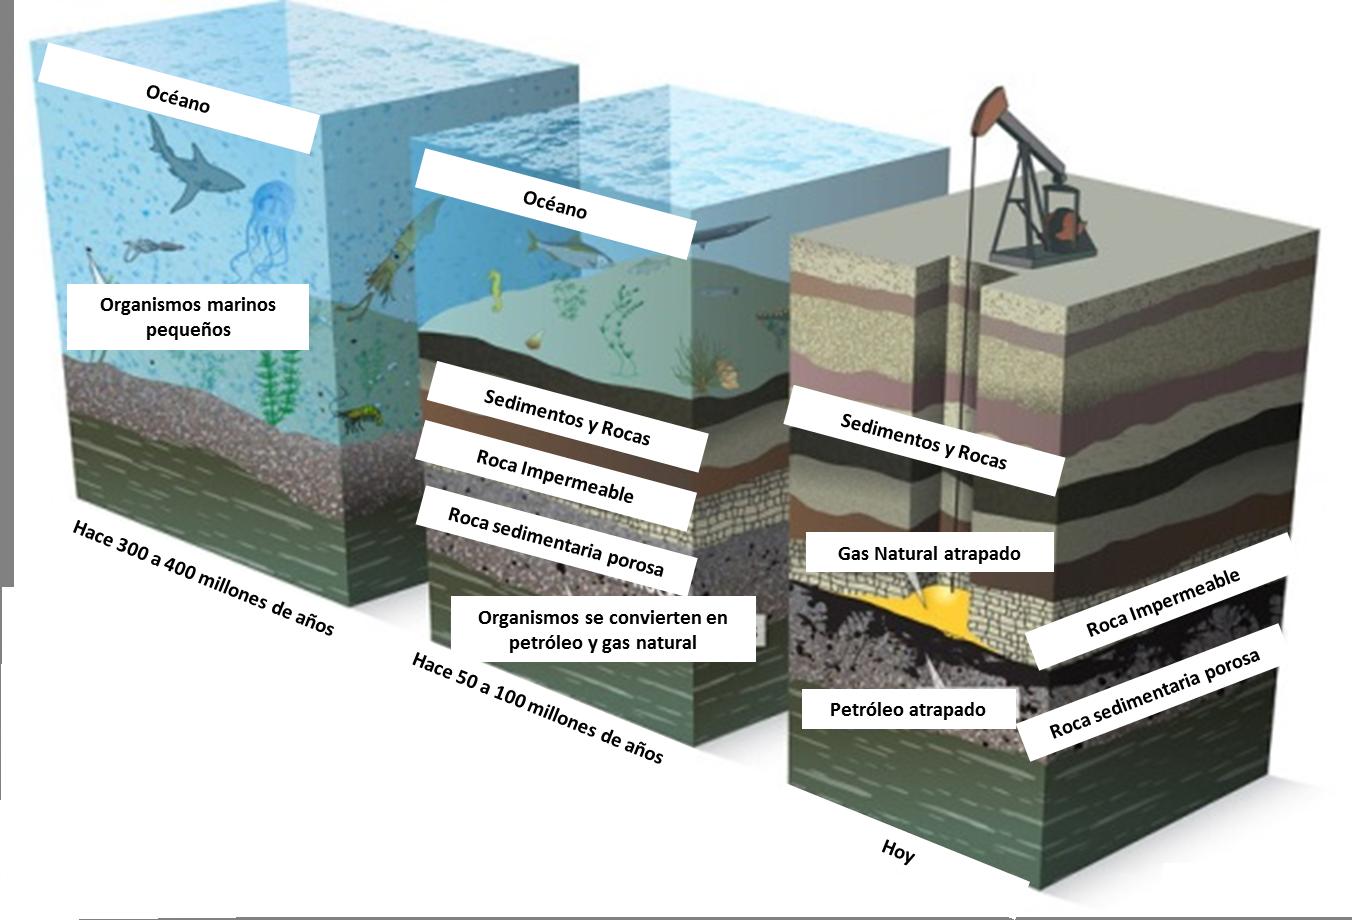 Formación petróleo